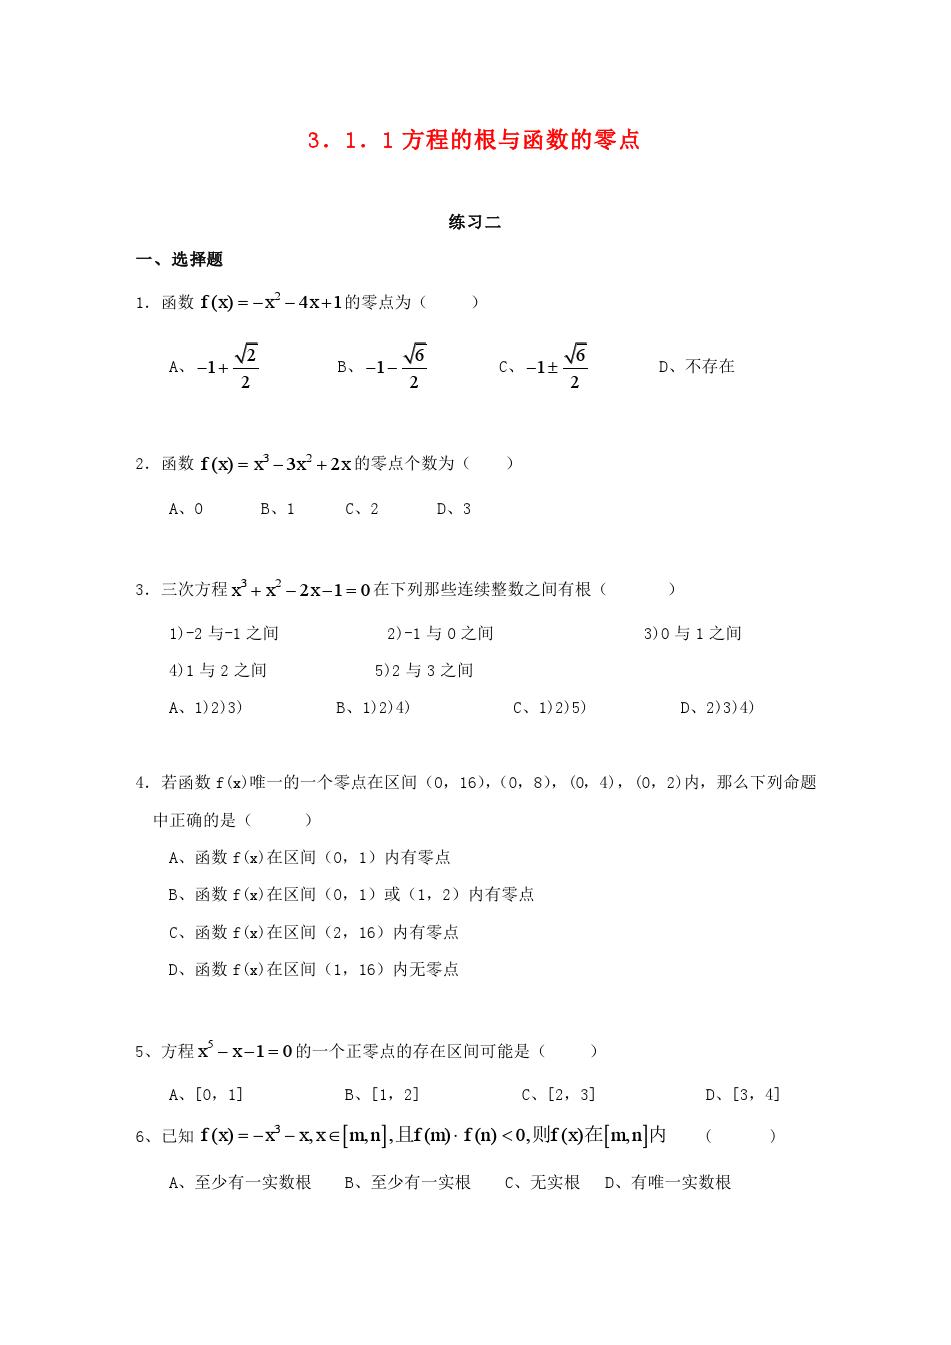 高中数学 3.1.1 方程的根与函数的零点单元测试题答案